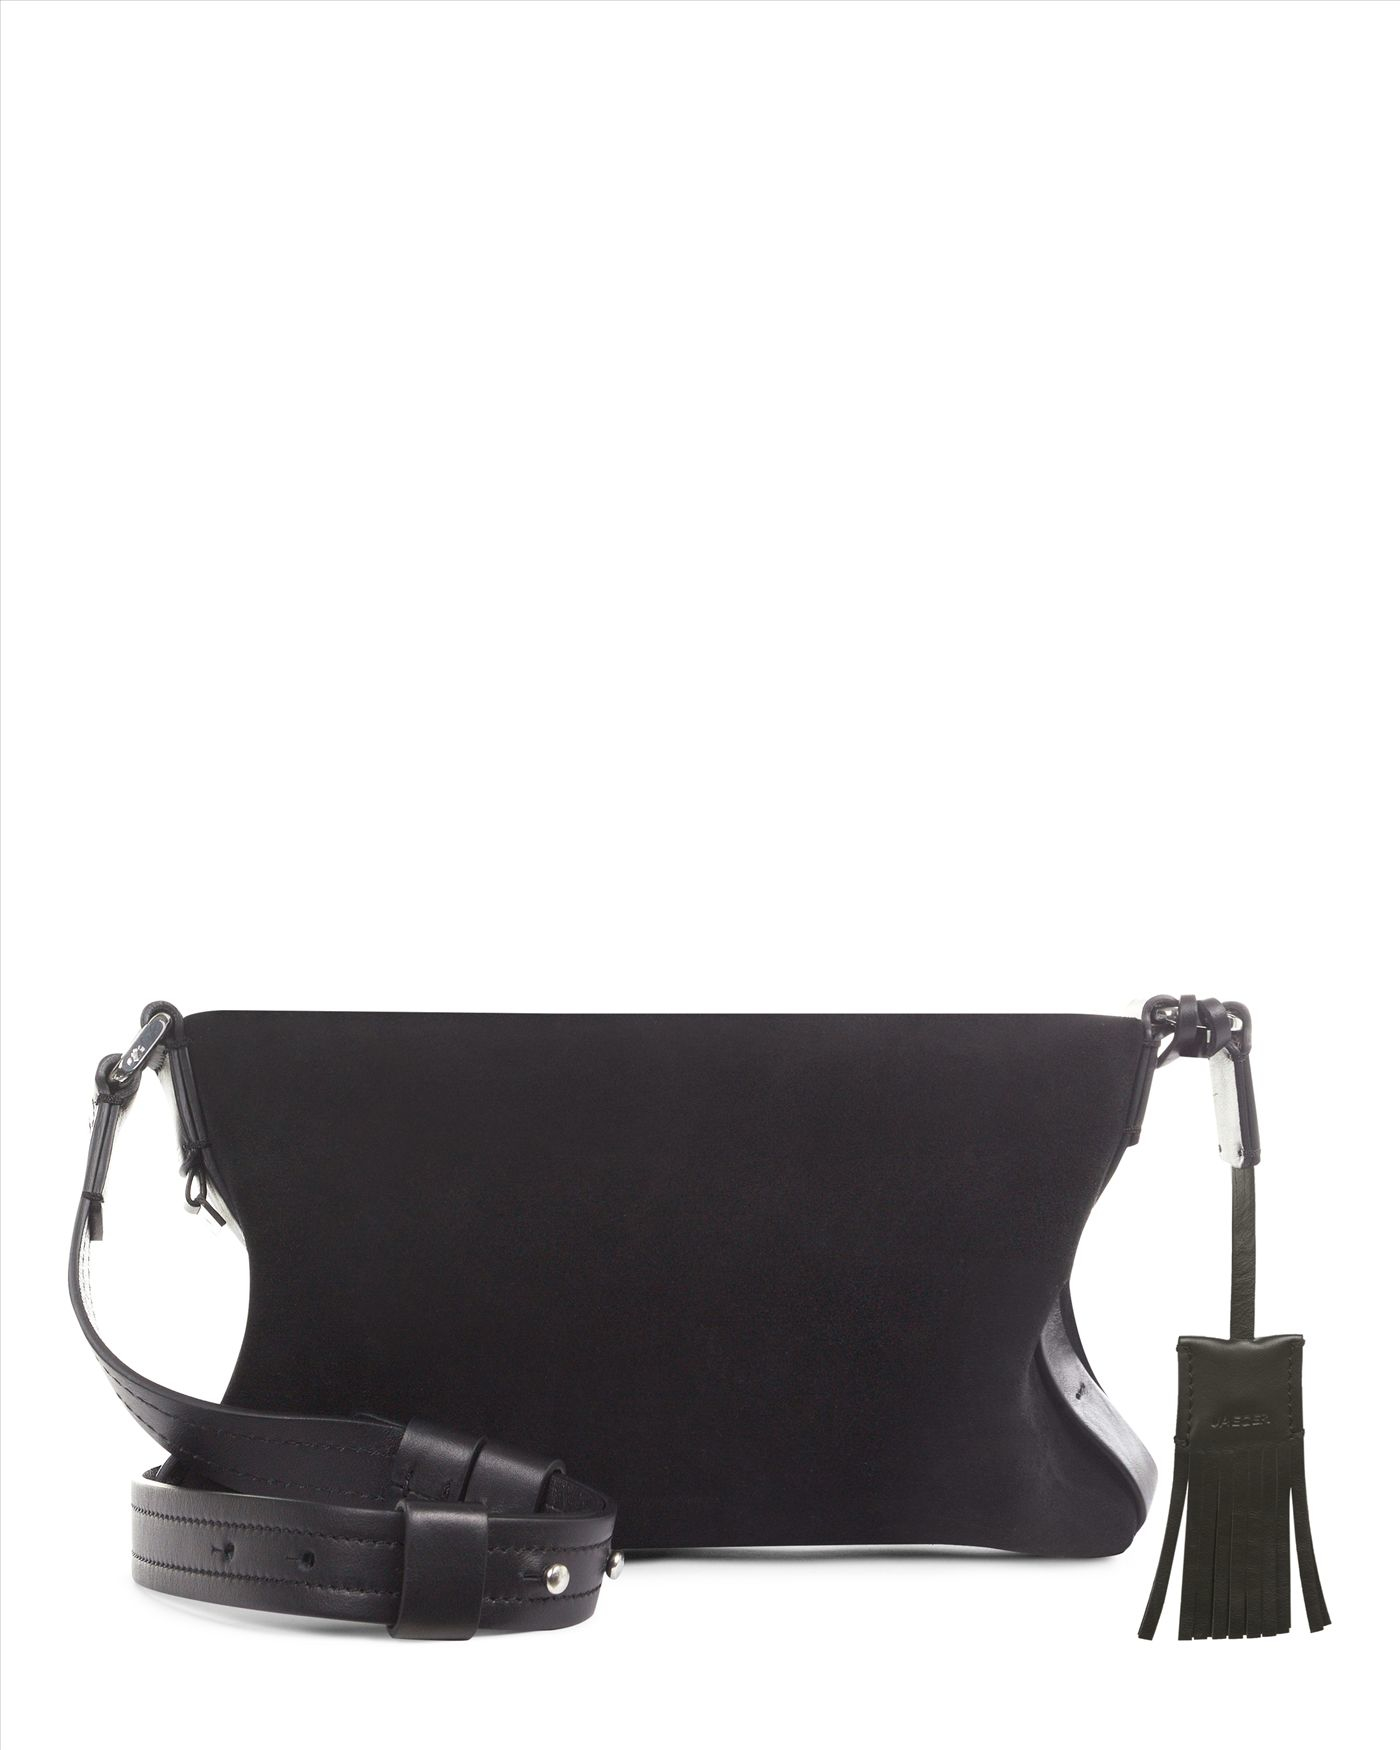 Jaeger Soho Leather Cross-body Bag in Black - Lyst 8d3c4e4597696